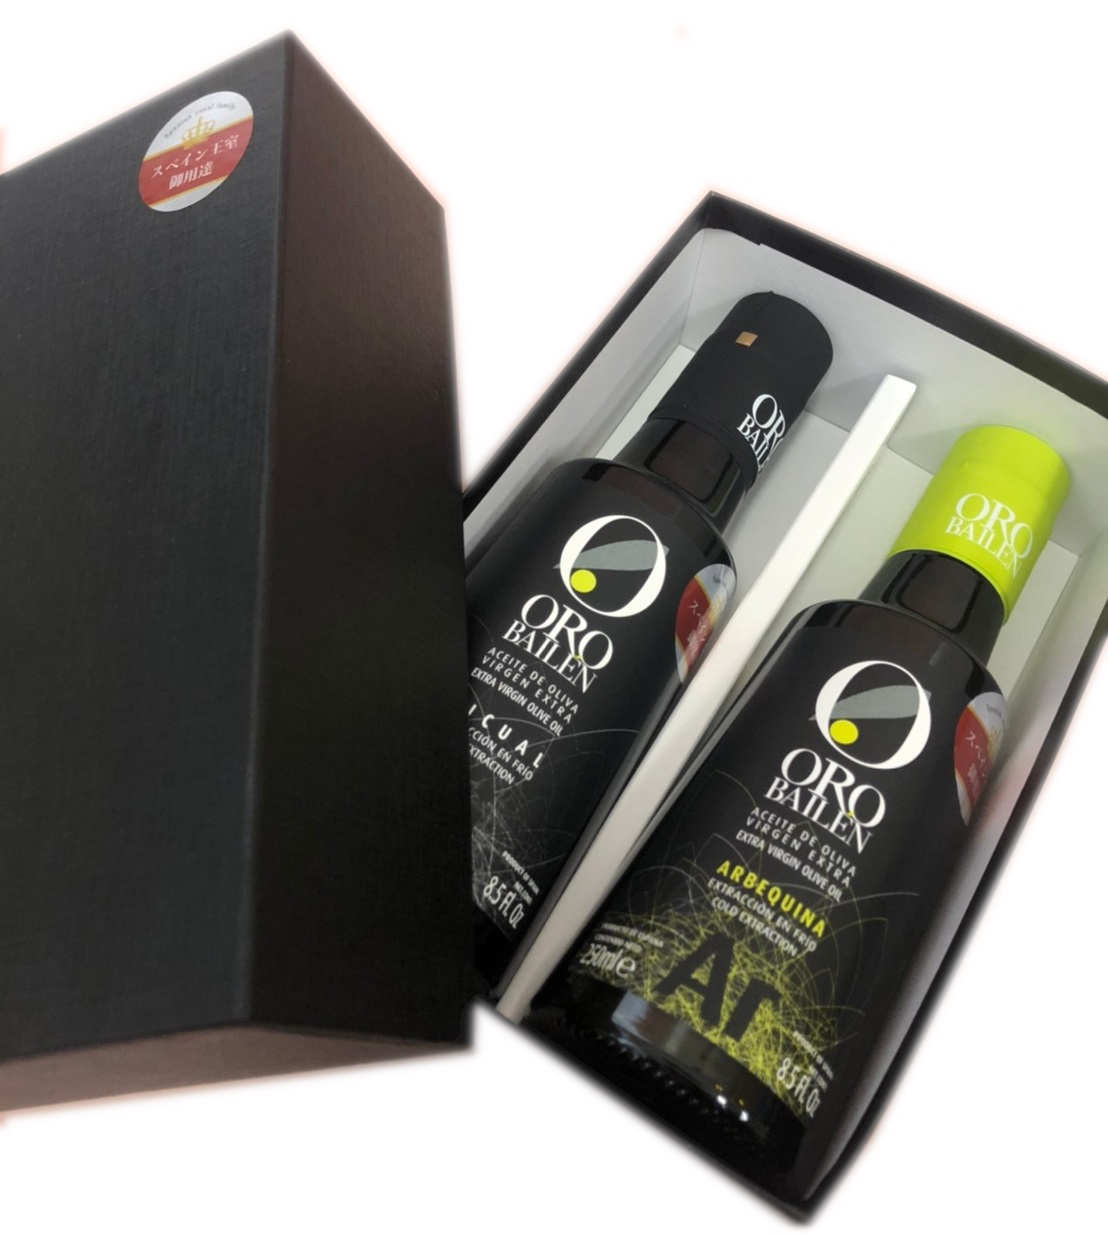 スペイン王室御用達最高級オリーブオイル オロバイレン 最高級の早摘みオリーブオイルを あなたの食卓へお届けします 本物 スペイン王室ご用達 エキストラバージンオリーブオイル ピクアル種 2本ギフトBOX 新作続 アルベキーナ種250ml オススメレシピ付